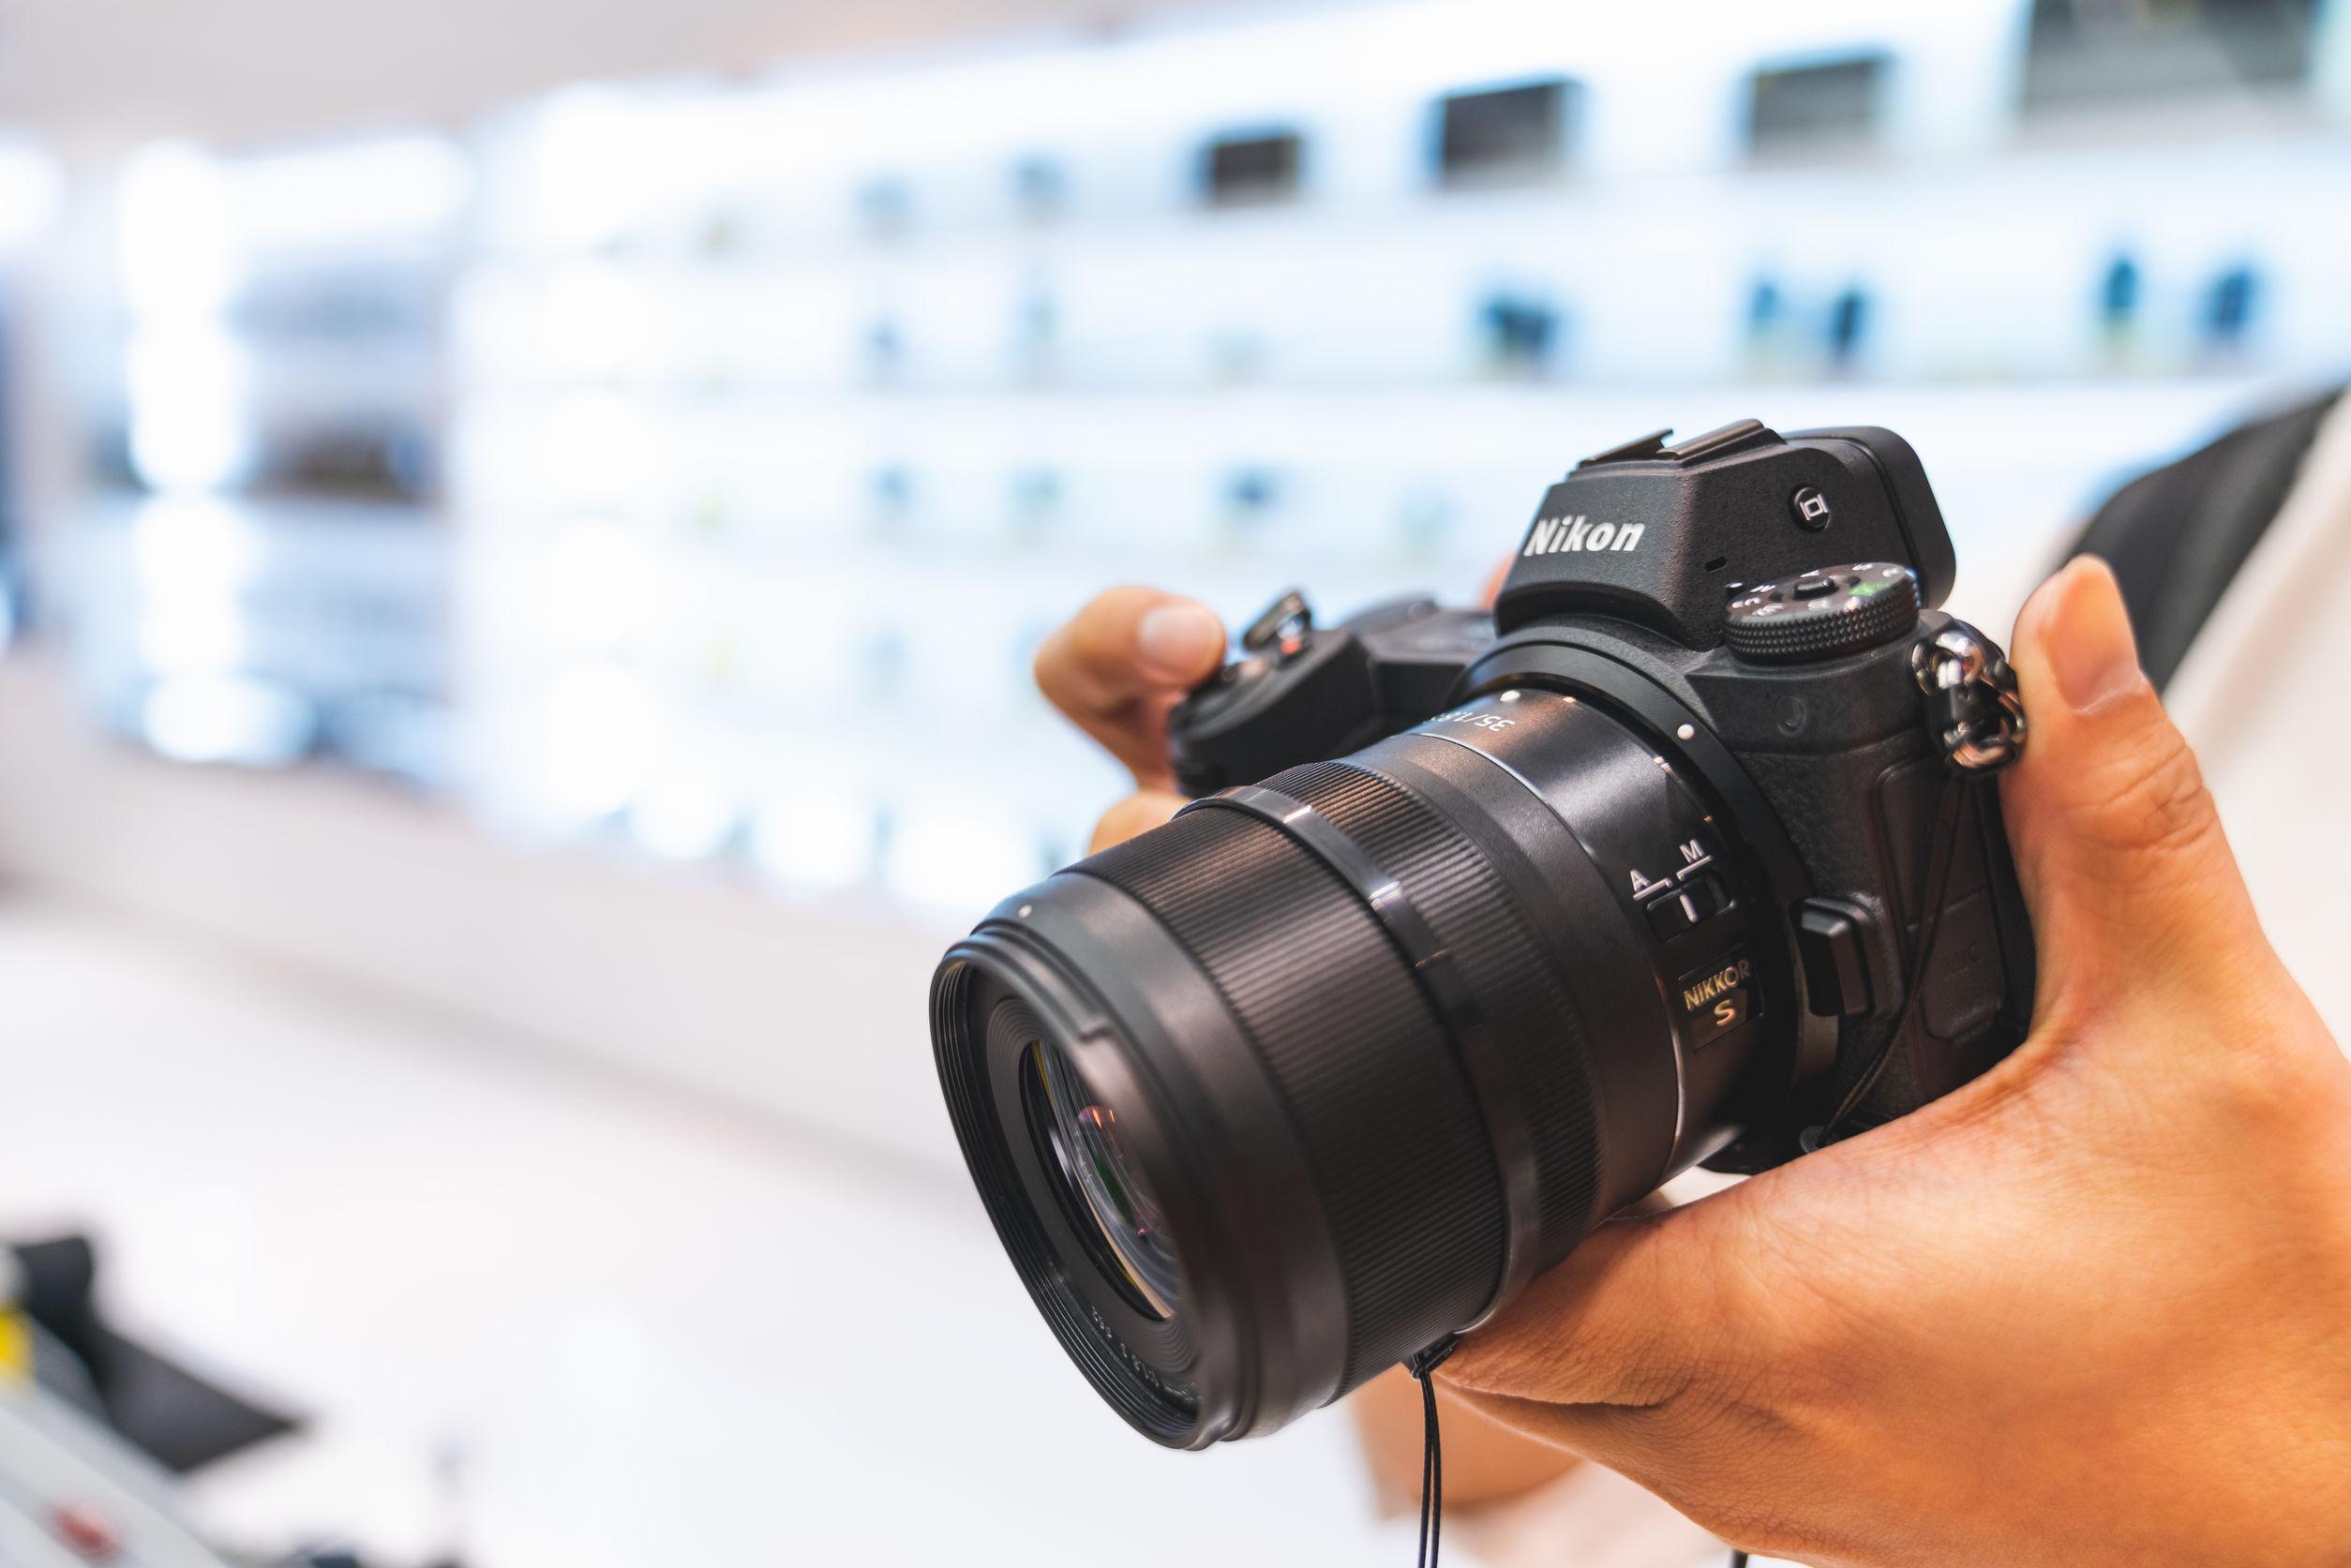 Nikon Spiegelreflexkamera: Test & Empfehlungen (09/20)